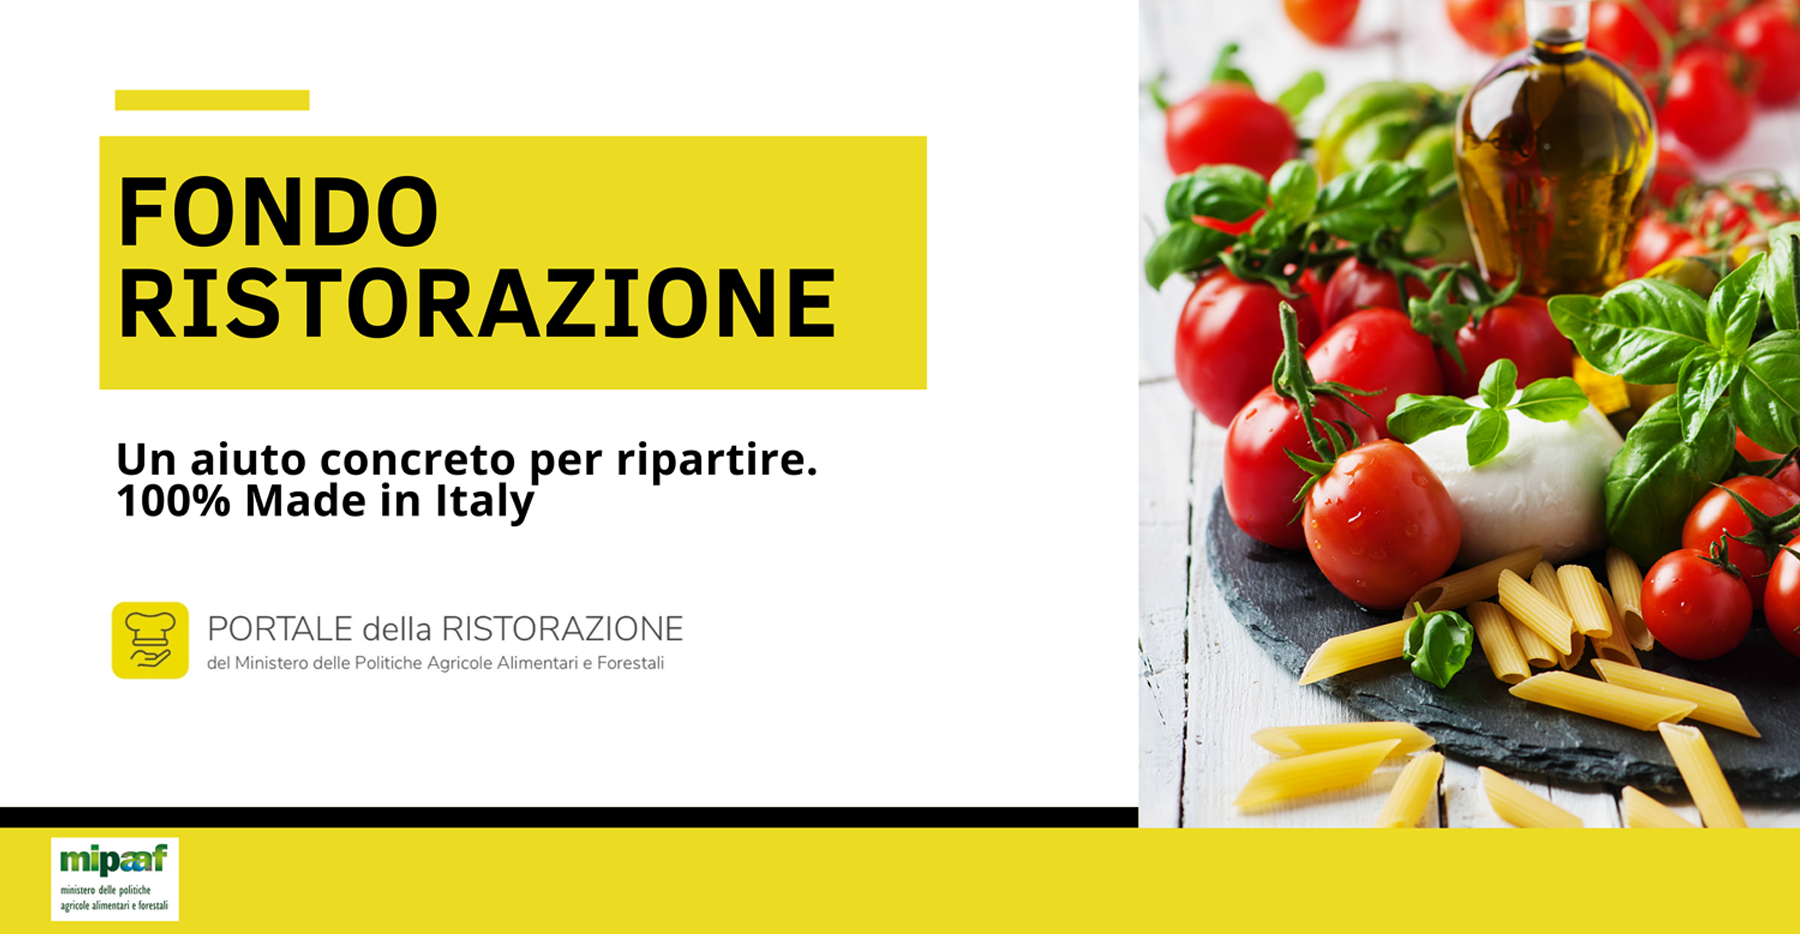 Fondo Ristorazione: 600 milioni di euro per l'acquisto di prodotti 100% Made in Italy